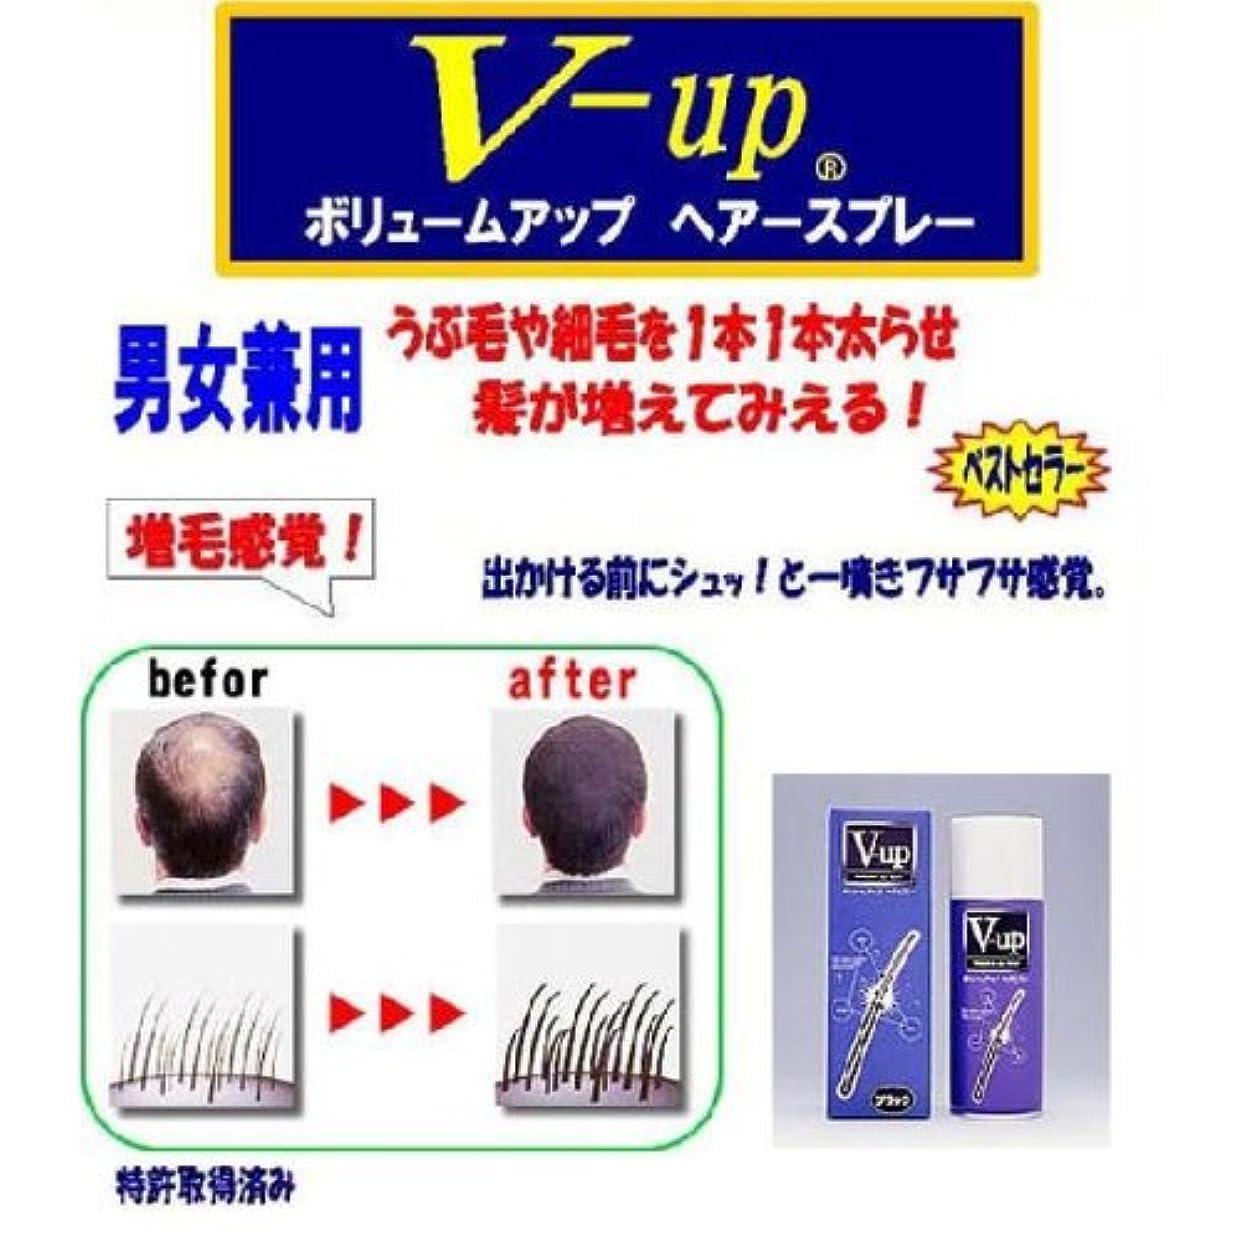 着服調和のとれたソートV-アップヘアスプレー200g【カラー:ダークブラウン】